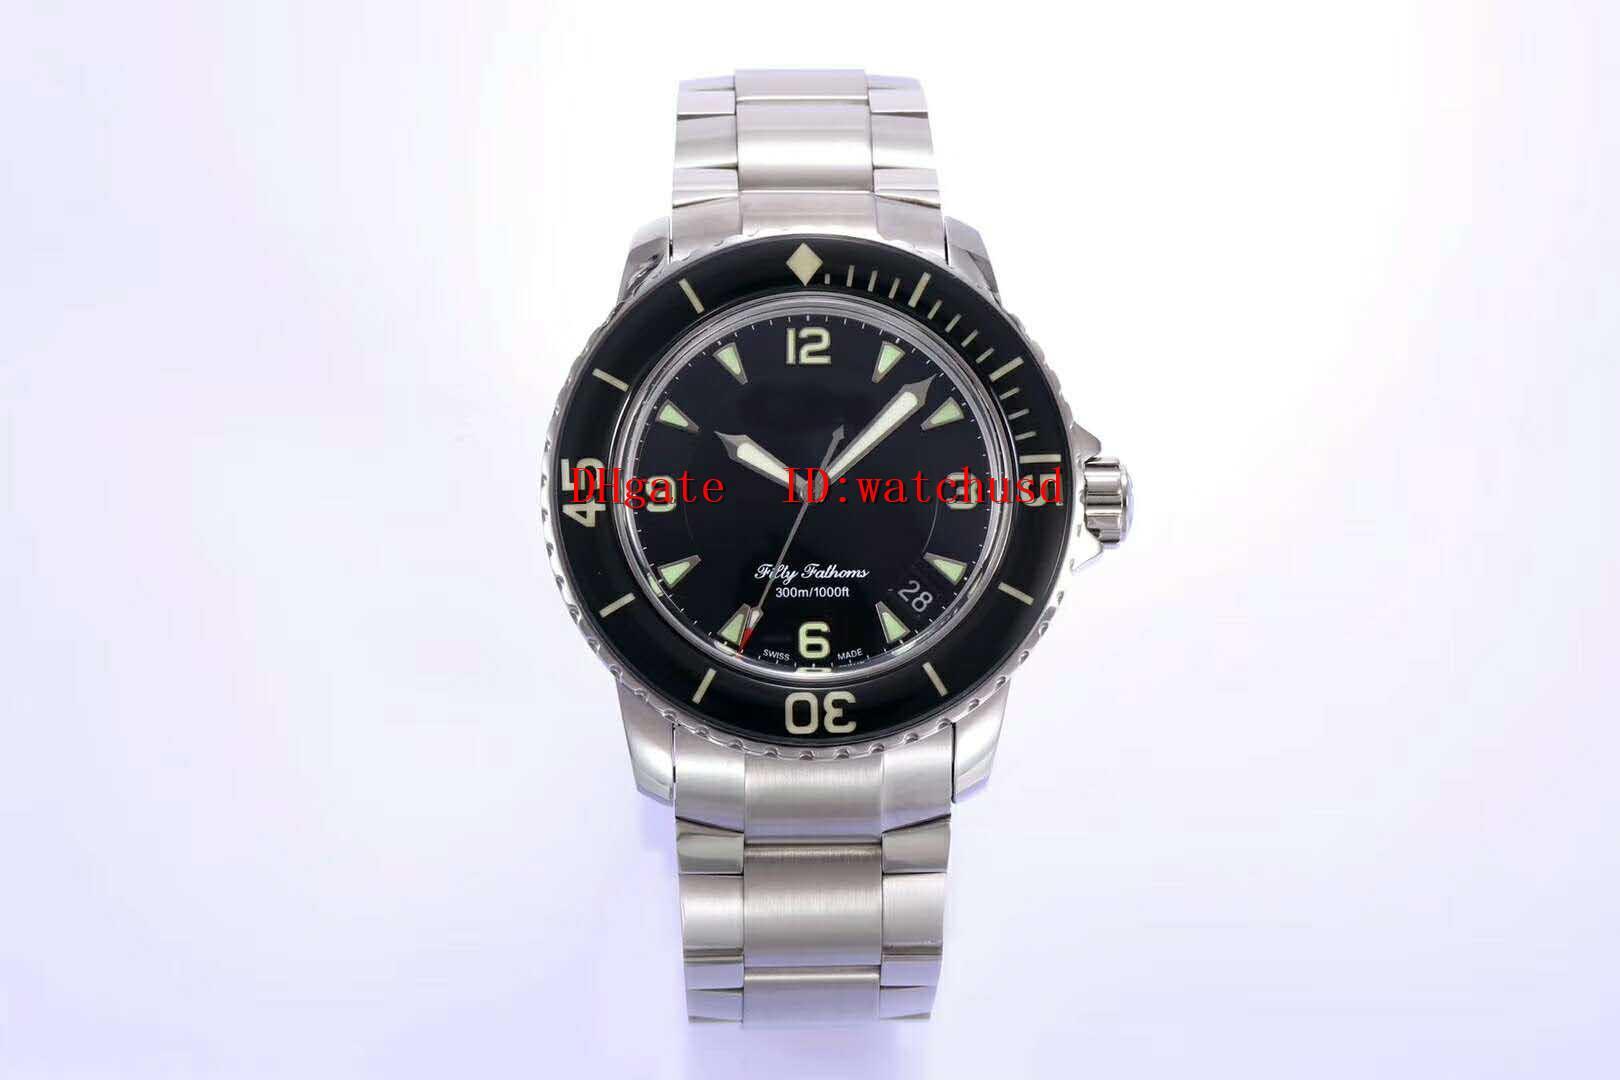 relojes ZF fábrica CINCUENTA FATHOMS para hombre del reloj de acero inoxidable de negocios zafiro impermeable mecánico automático suizo Caja sólida Volver